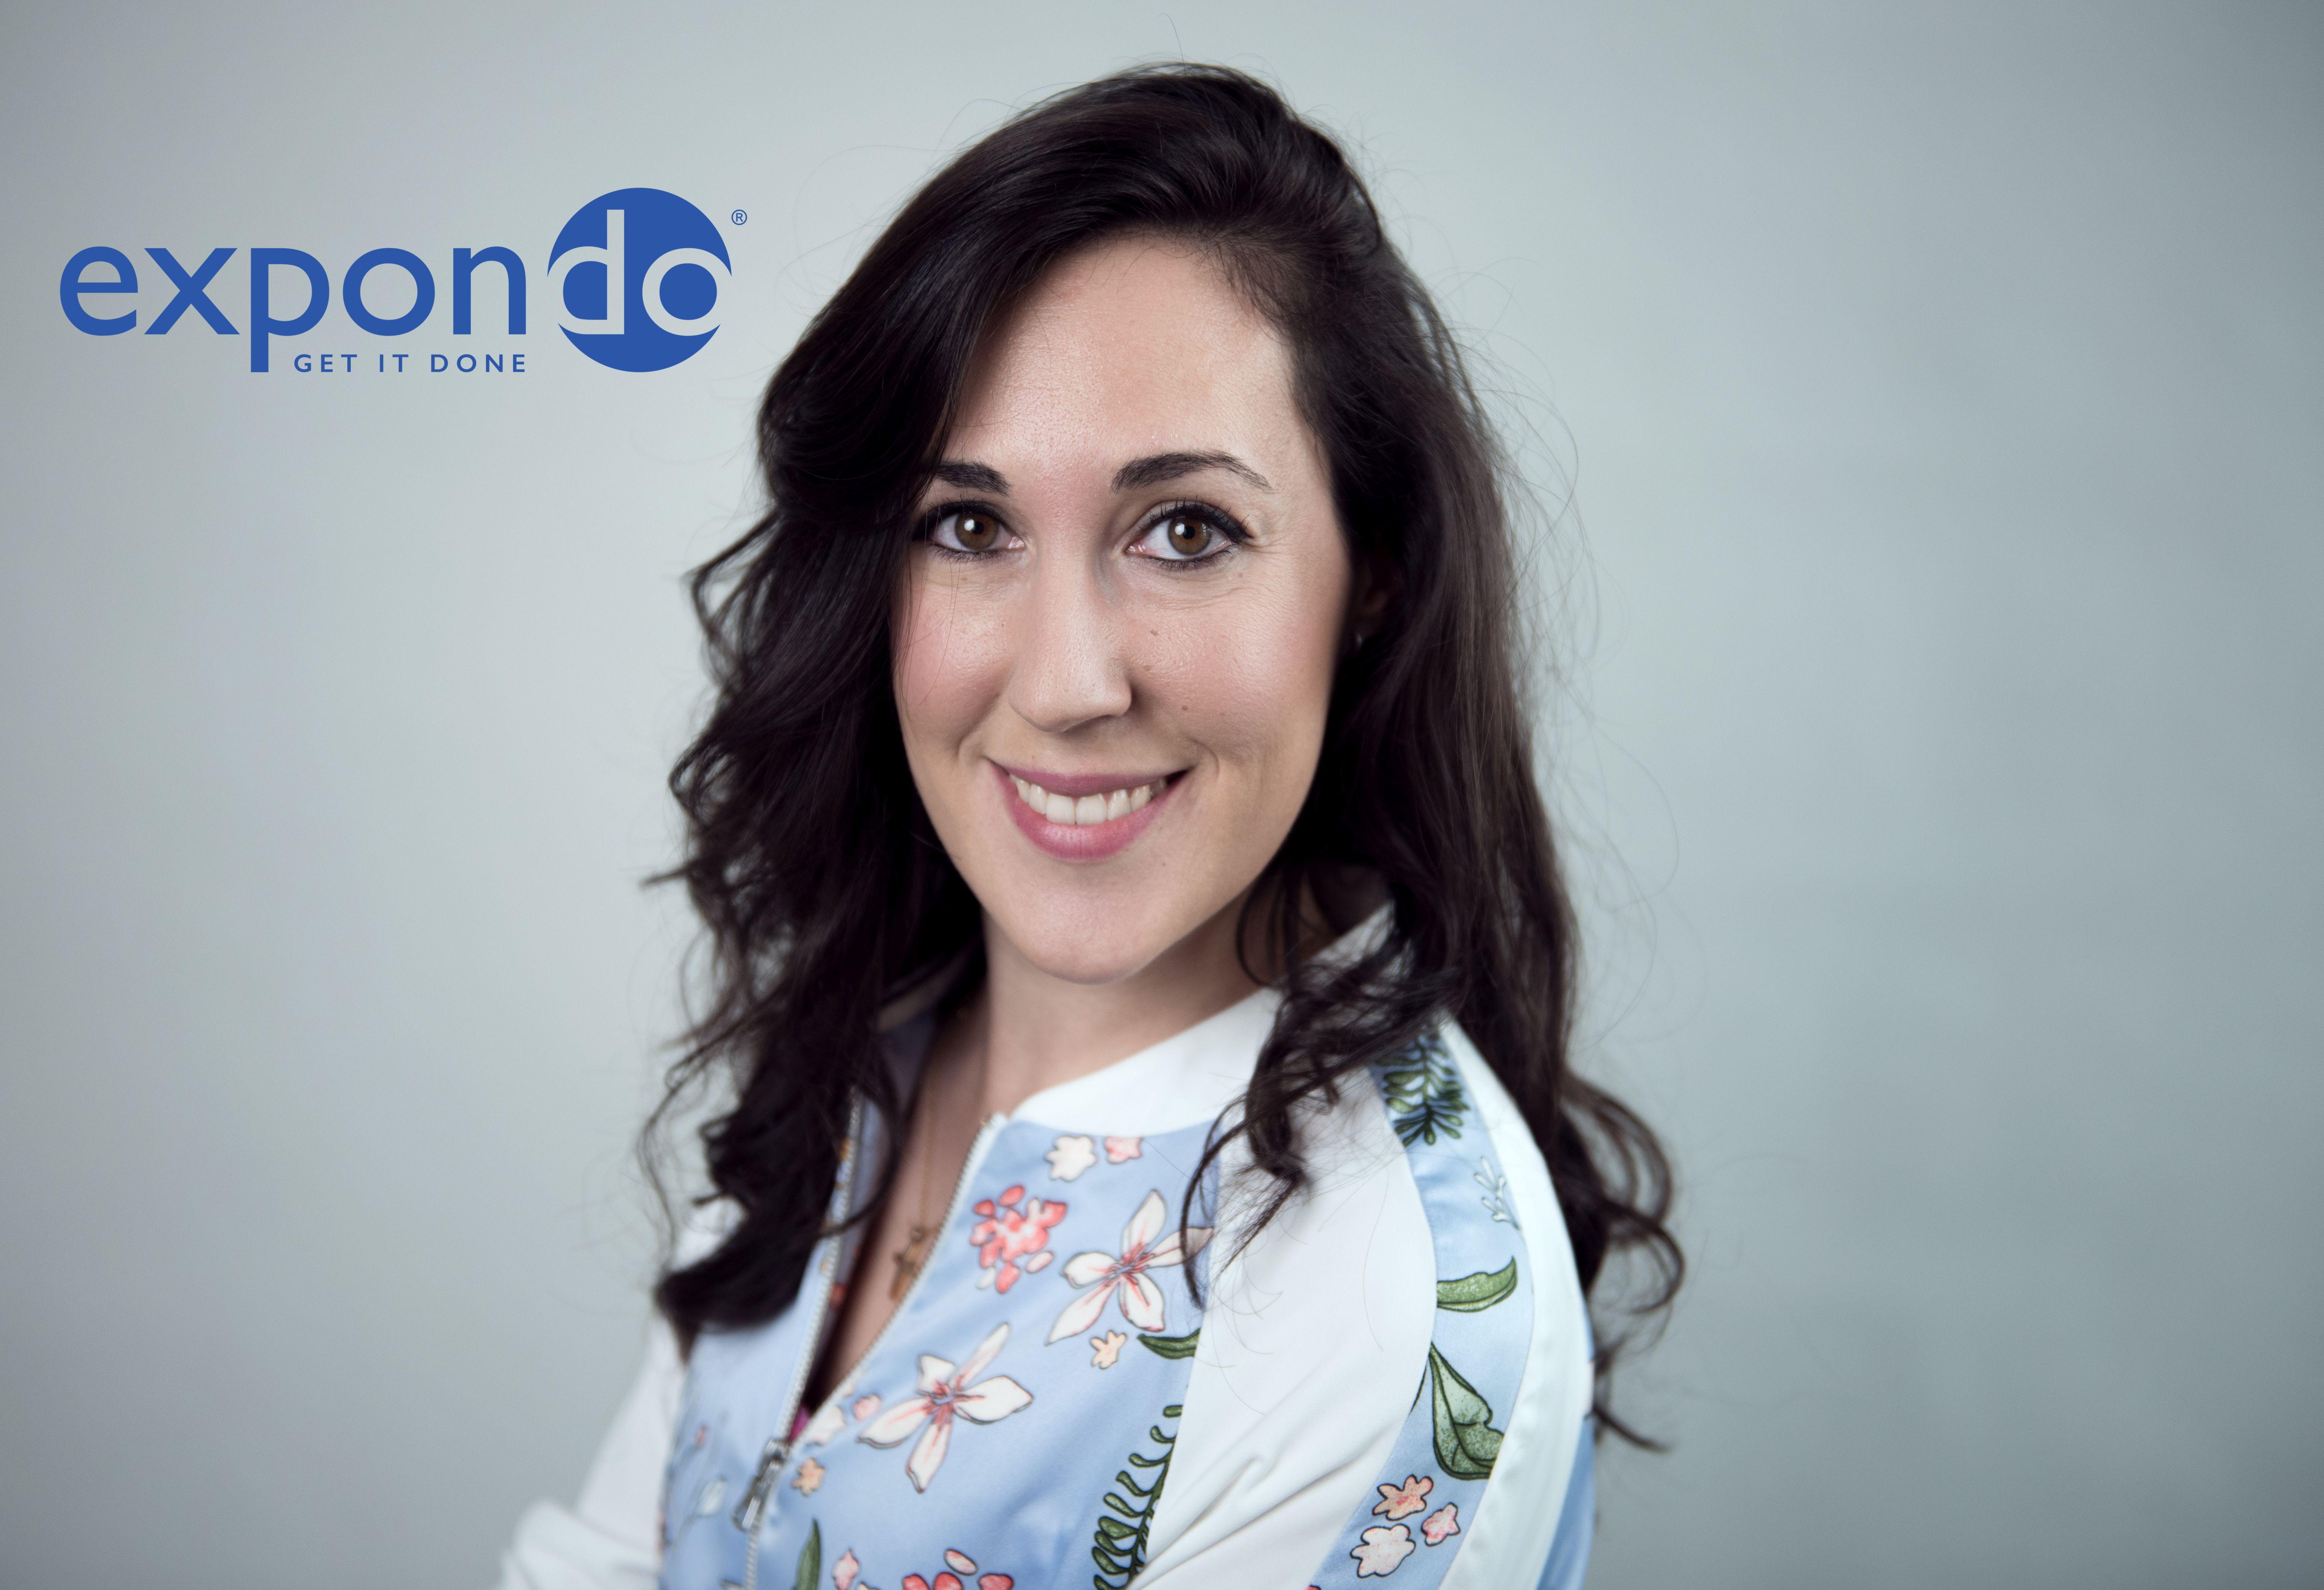 Elena Andreol, der Kopf des EU-Teams bei expondo